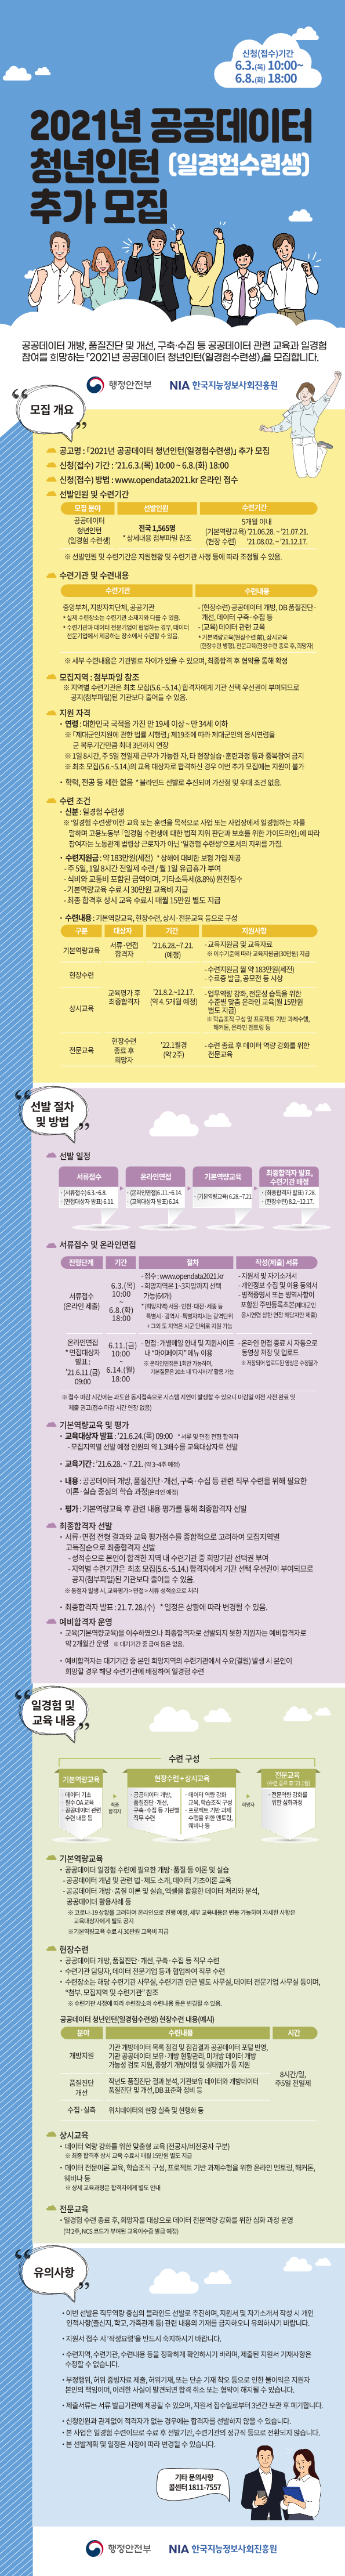 2021공공데이터 청년인턴 EDM(최종)_1.png